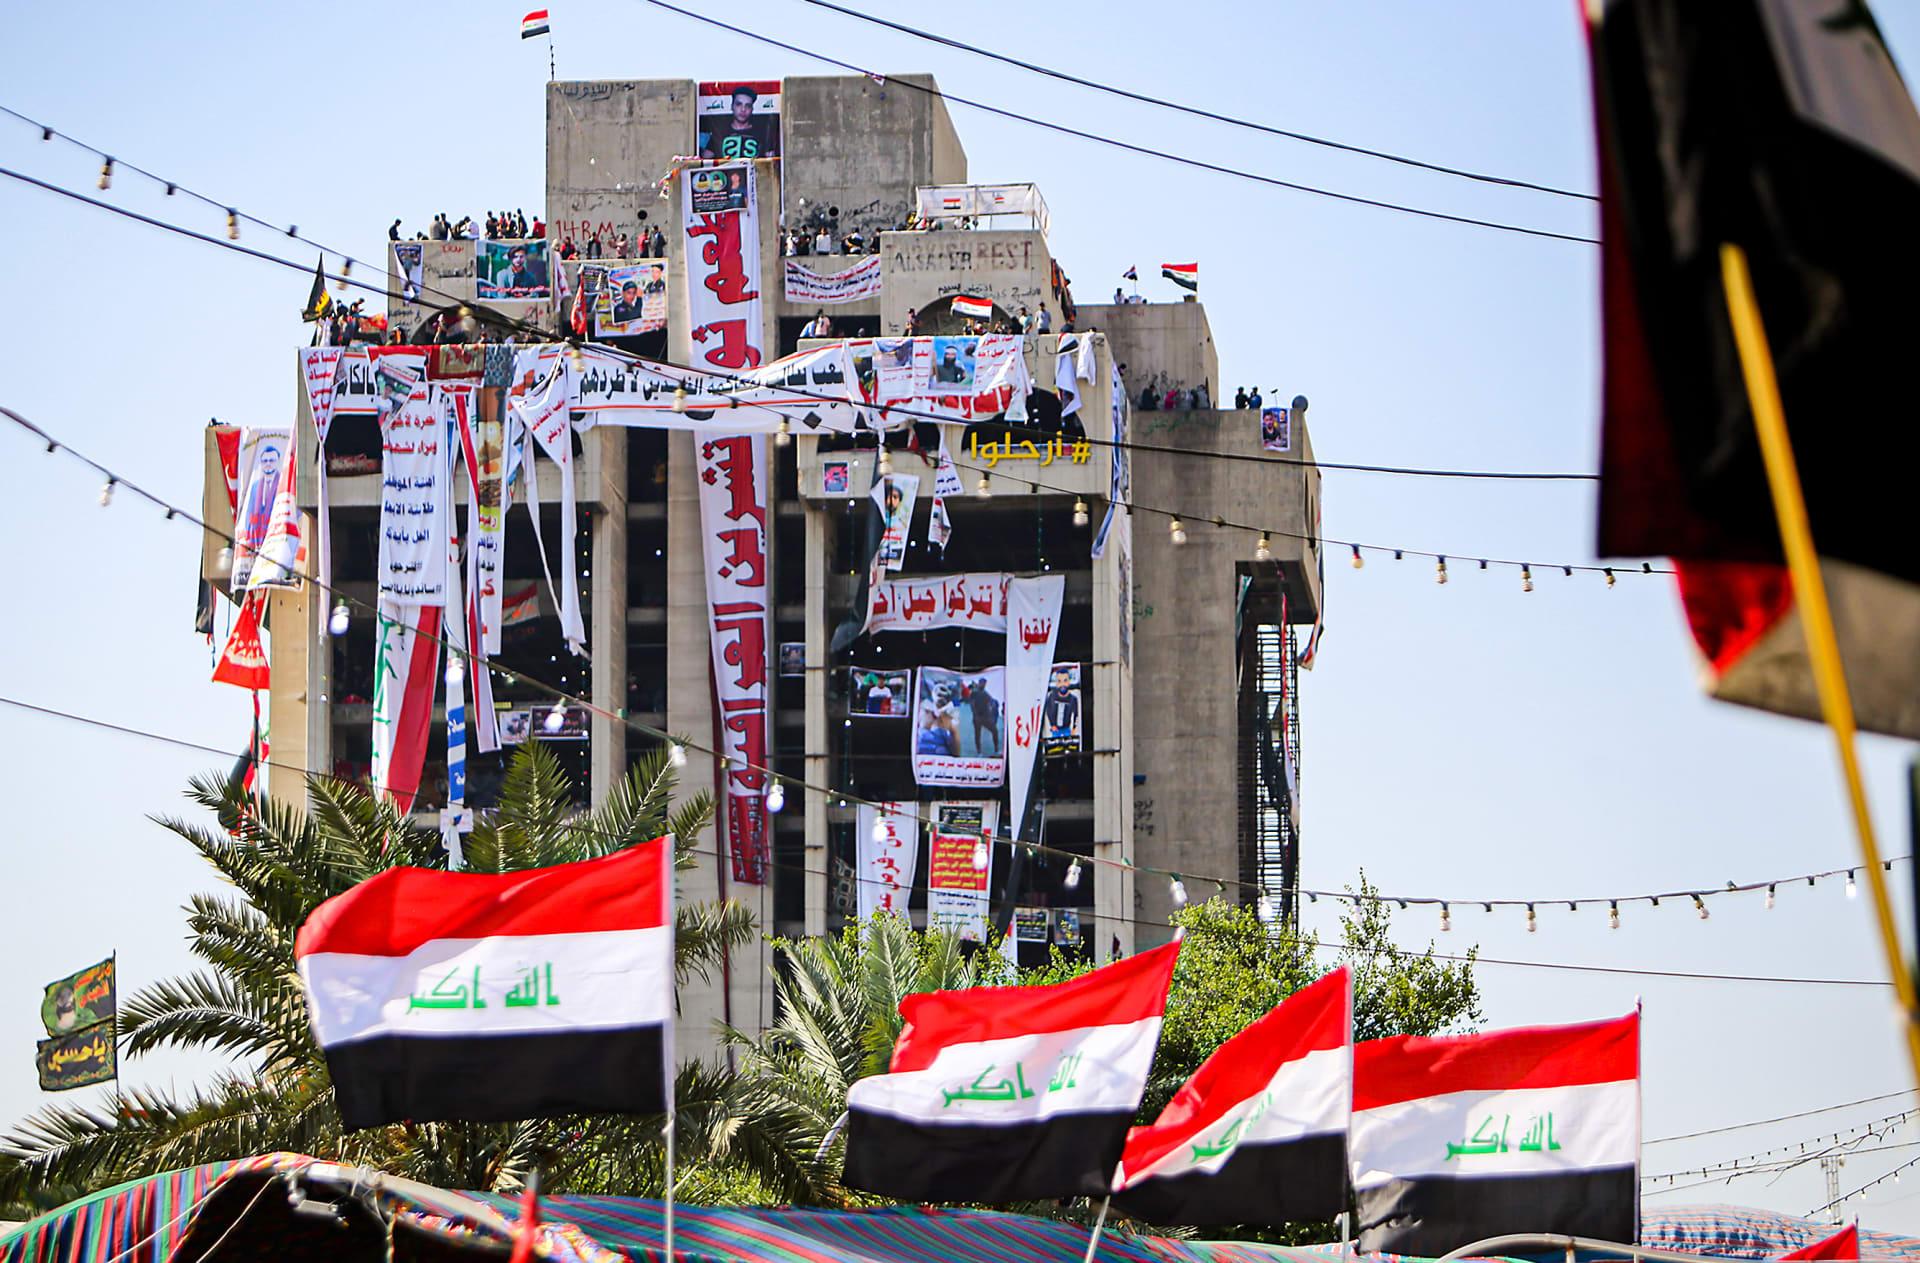 جيش العراق: لا نستخدم الرصاص الحي ضد المتظاهرين ونضمن سلامتهم